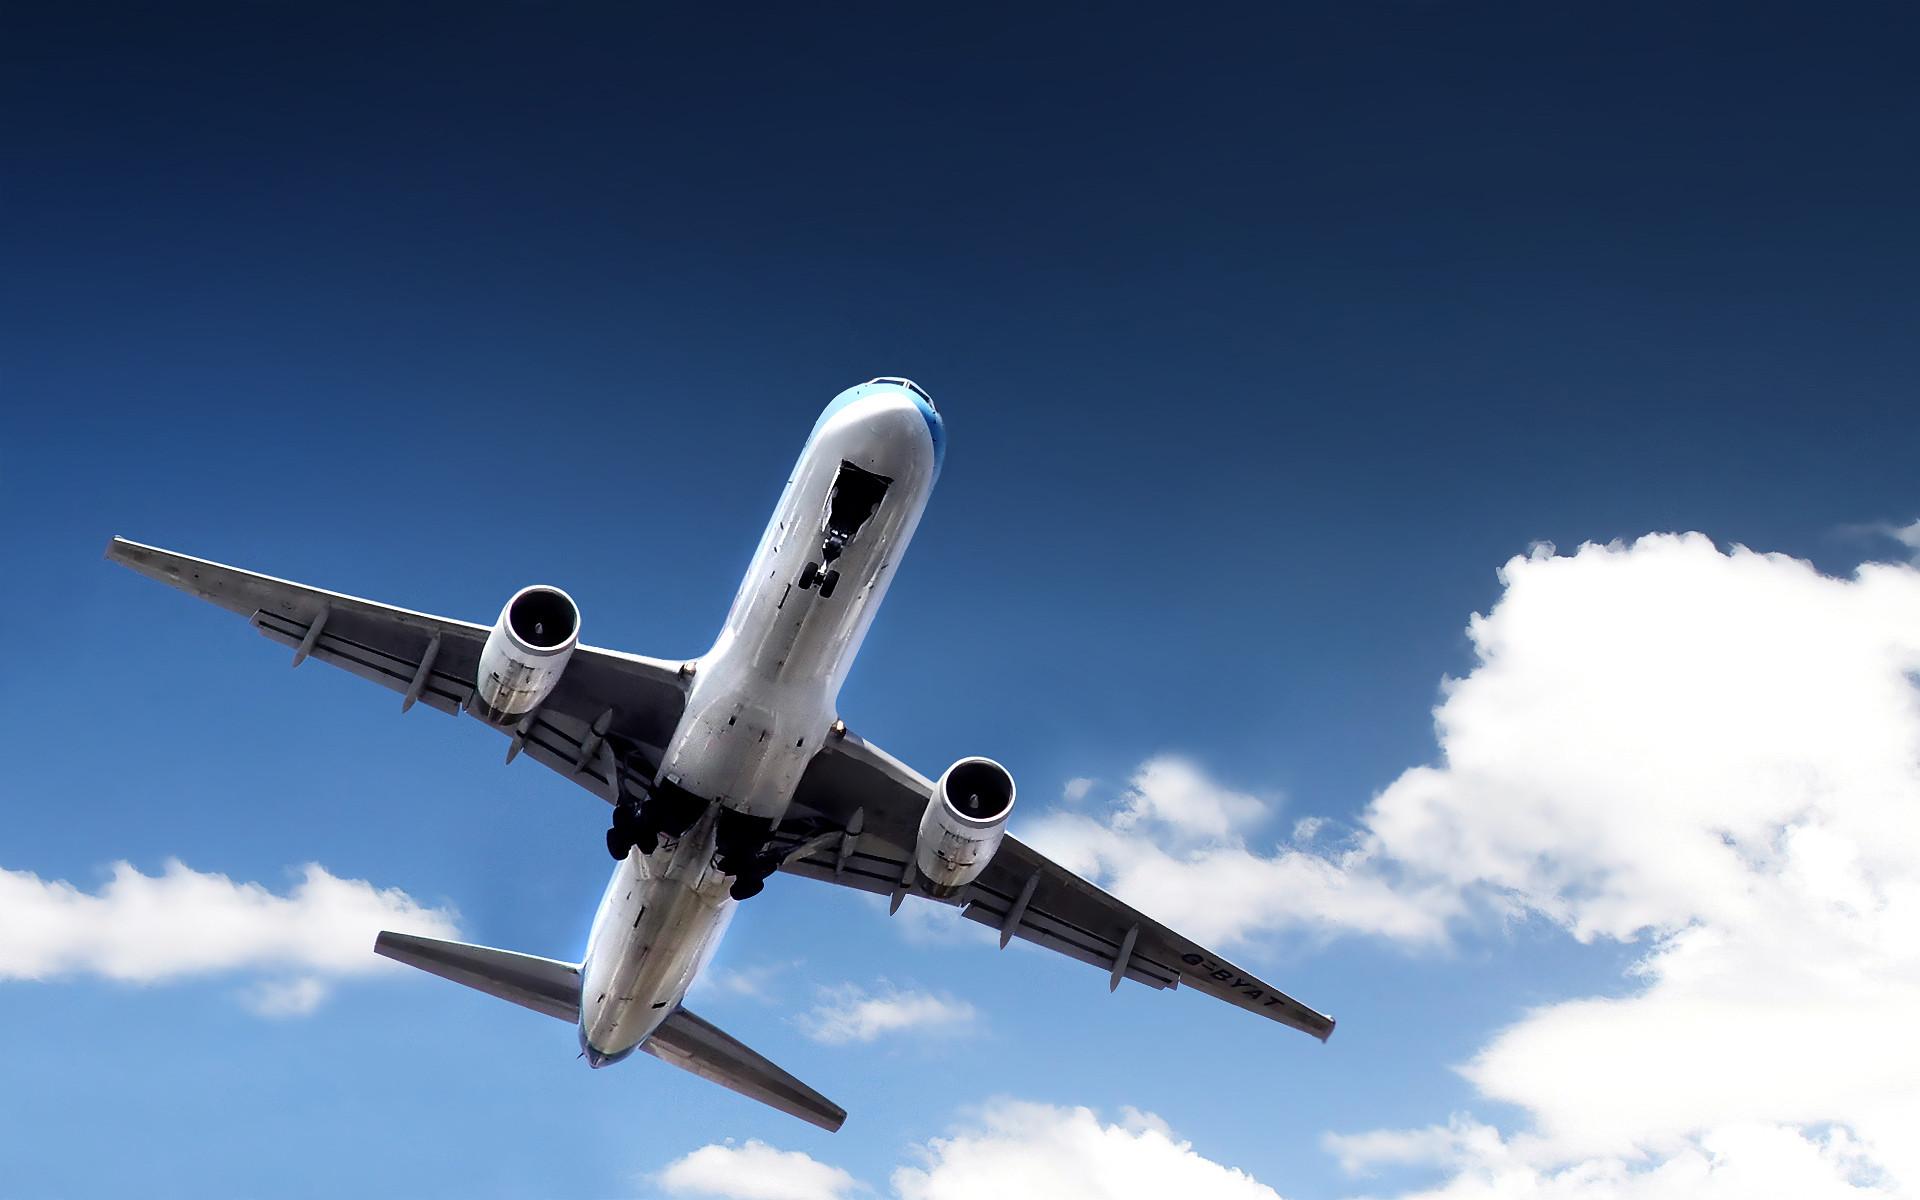 Пассажирский Ан-148 вынужденно сел вСаратове из-за столкновения состаей птиц